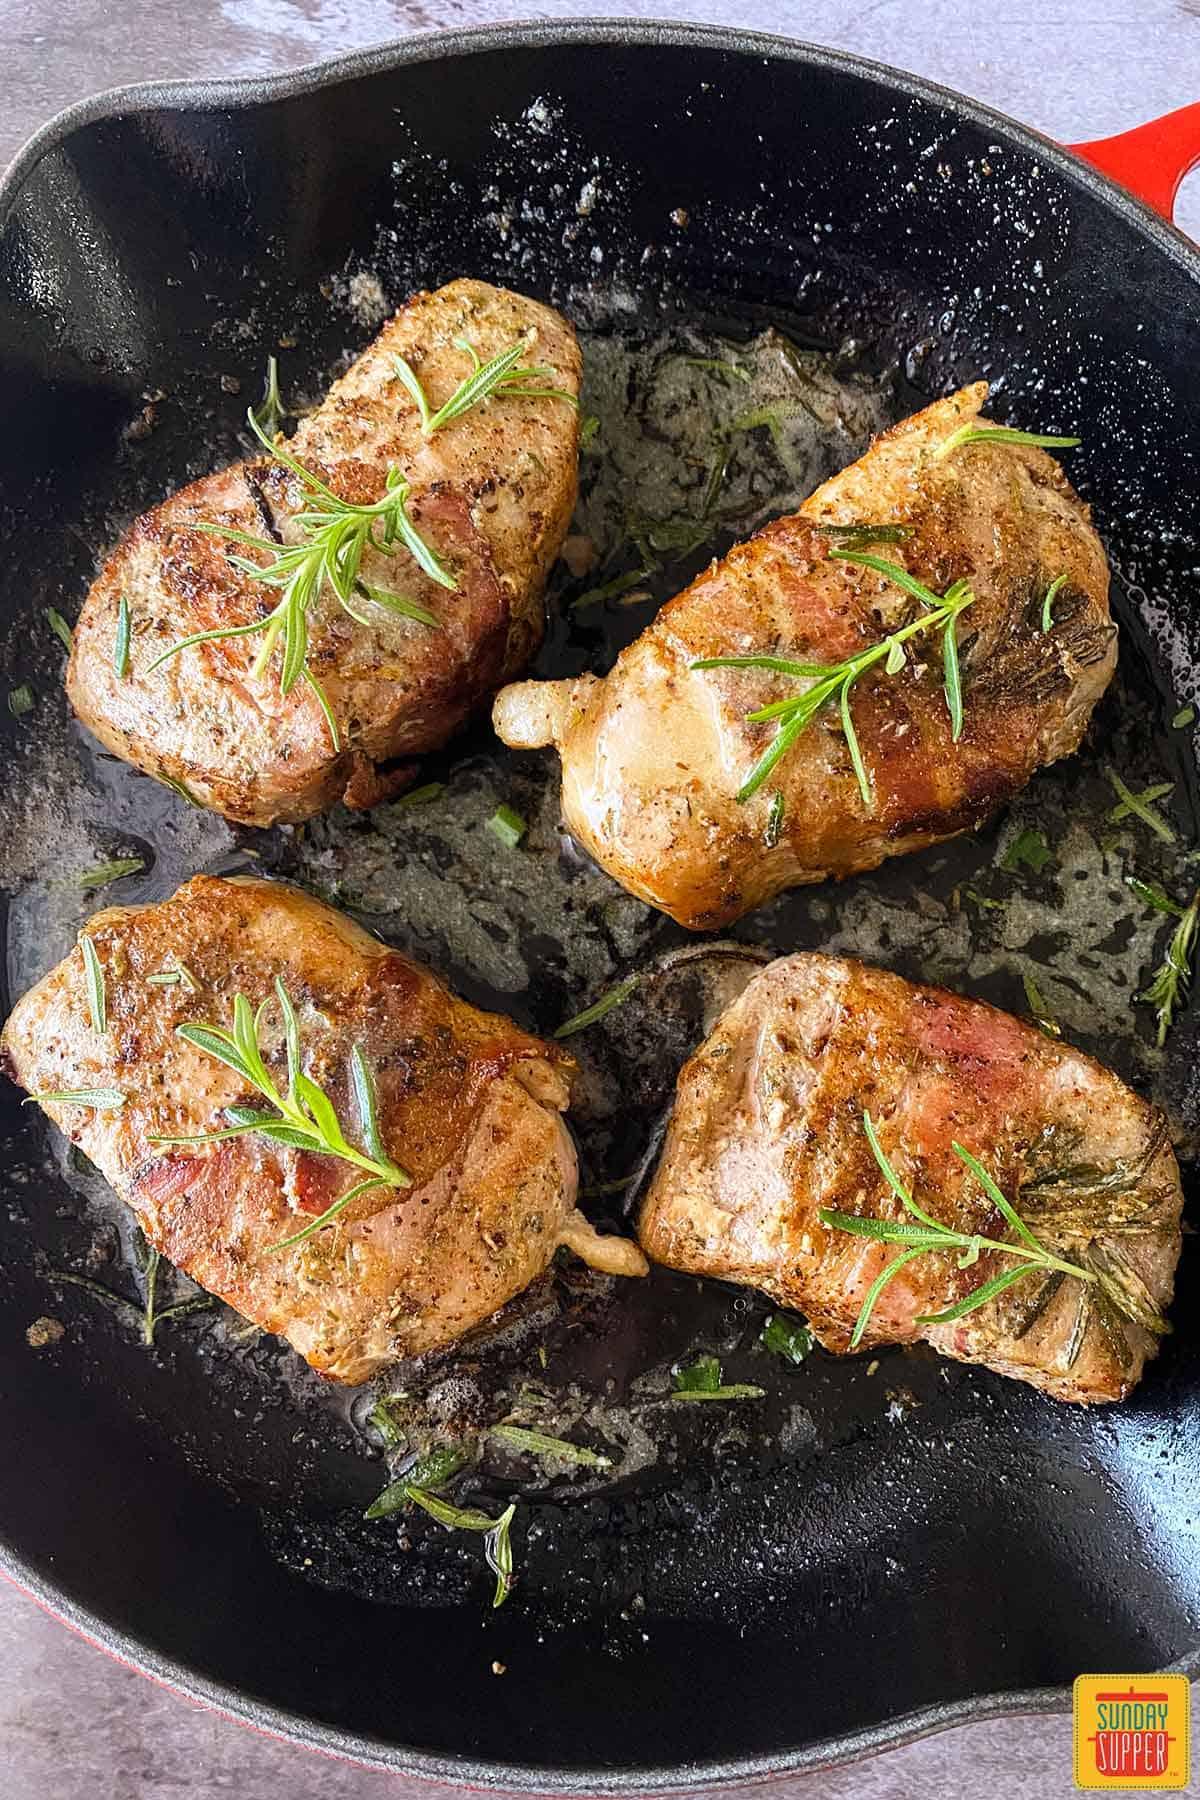 Four sous vide pork chops in a skillet